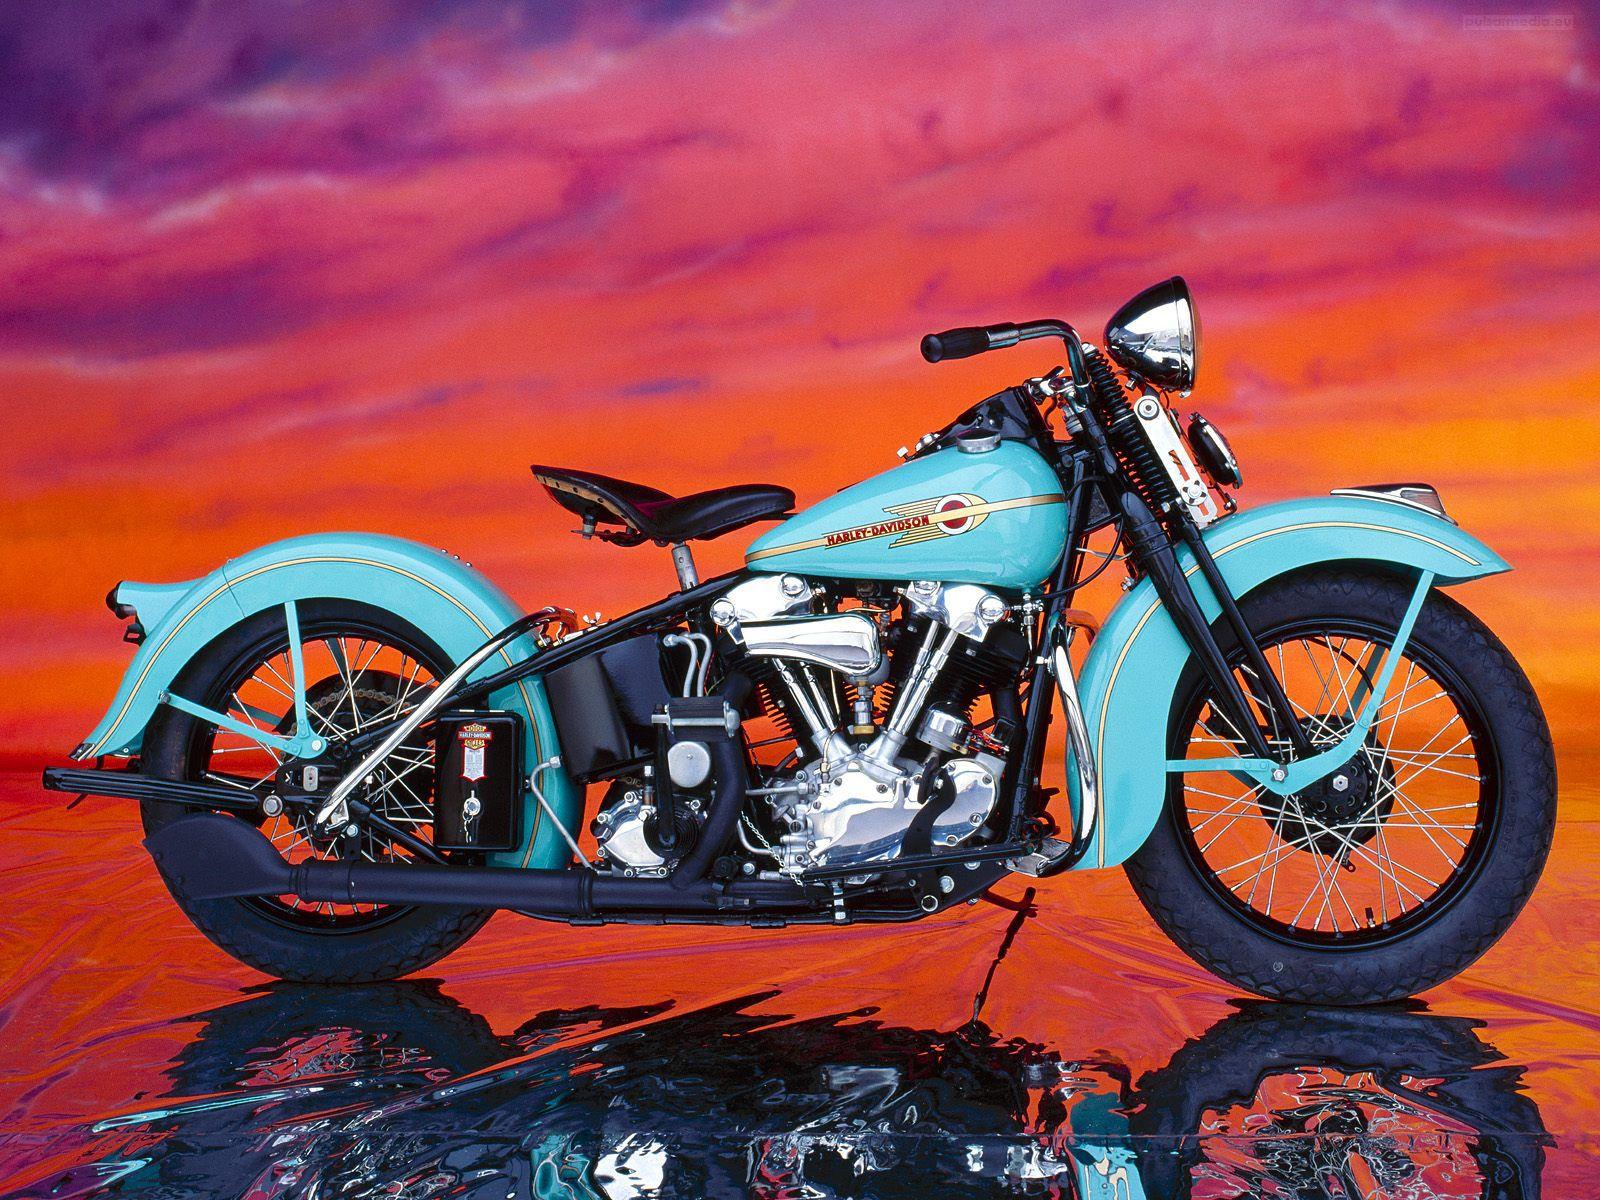 Vintage Motorcycle Wallpapers: 1938 Harley-Davidson Knucklehead. [Desktop Wallpaper